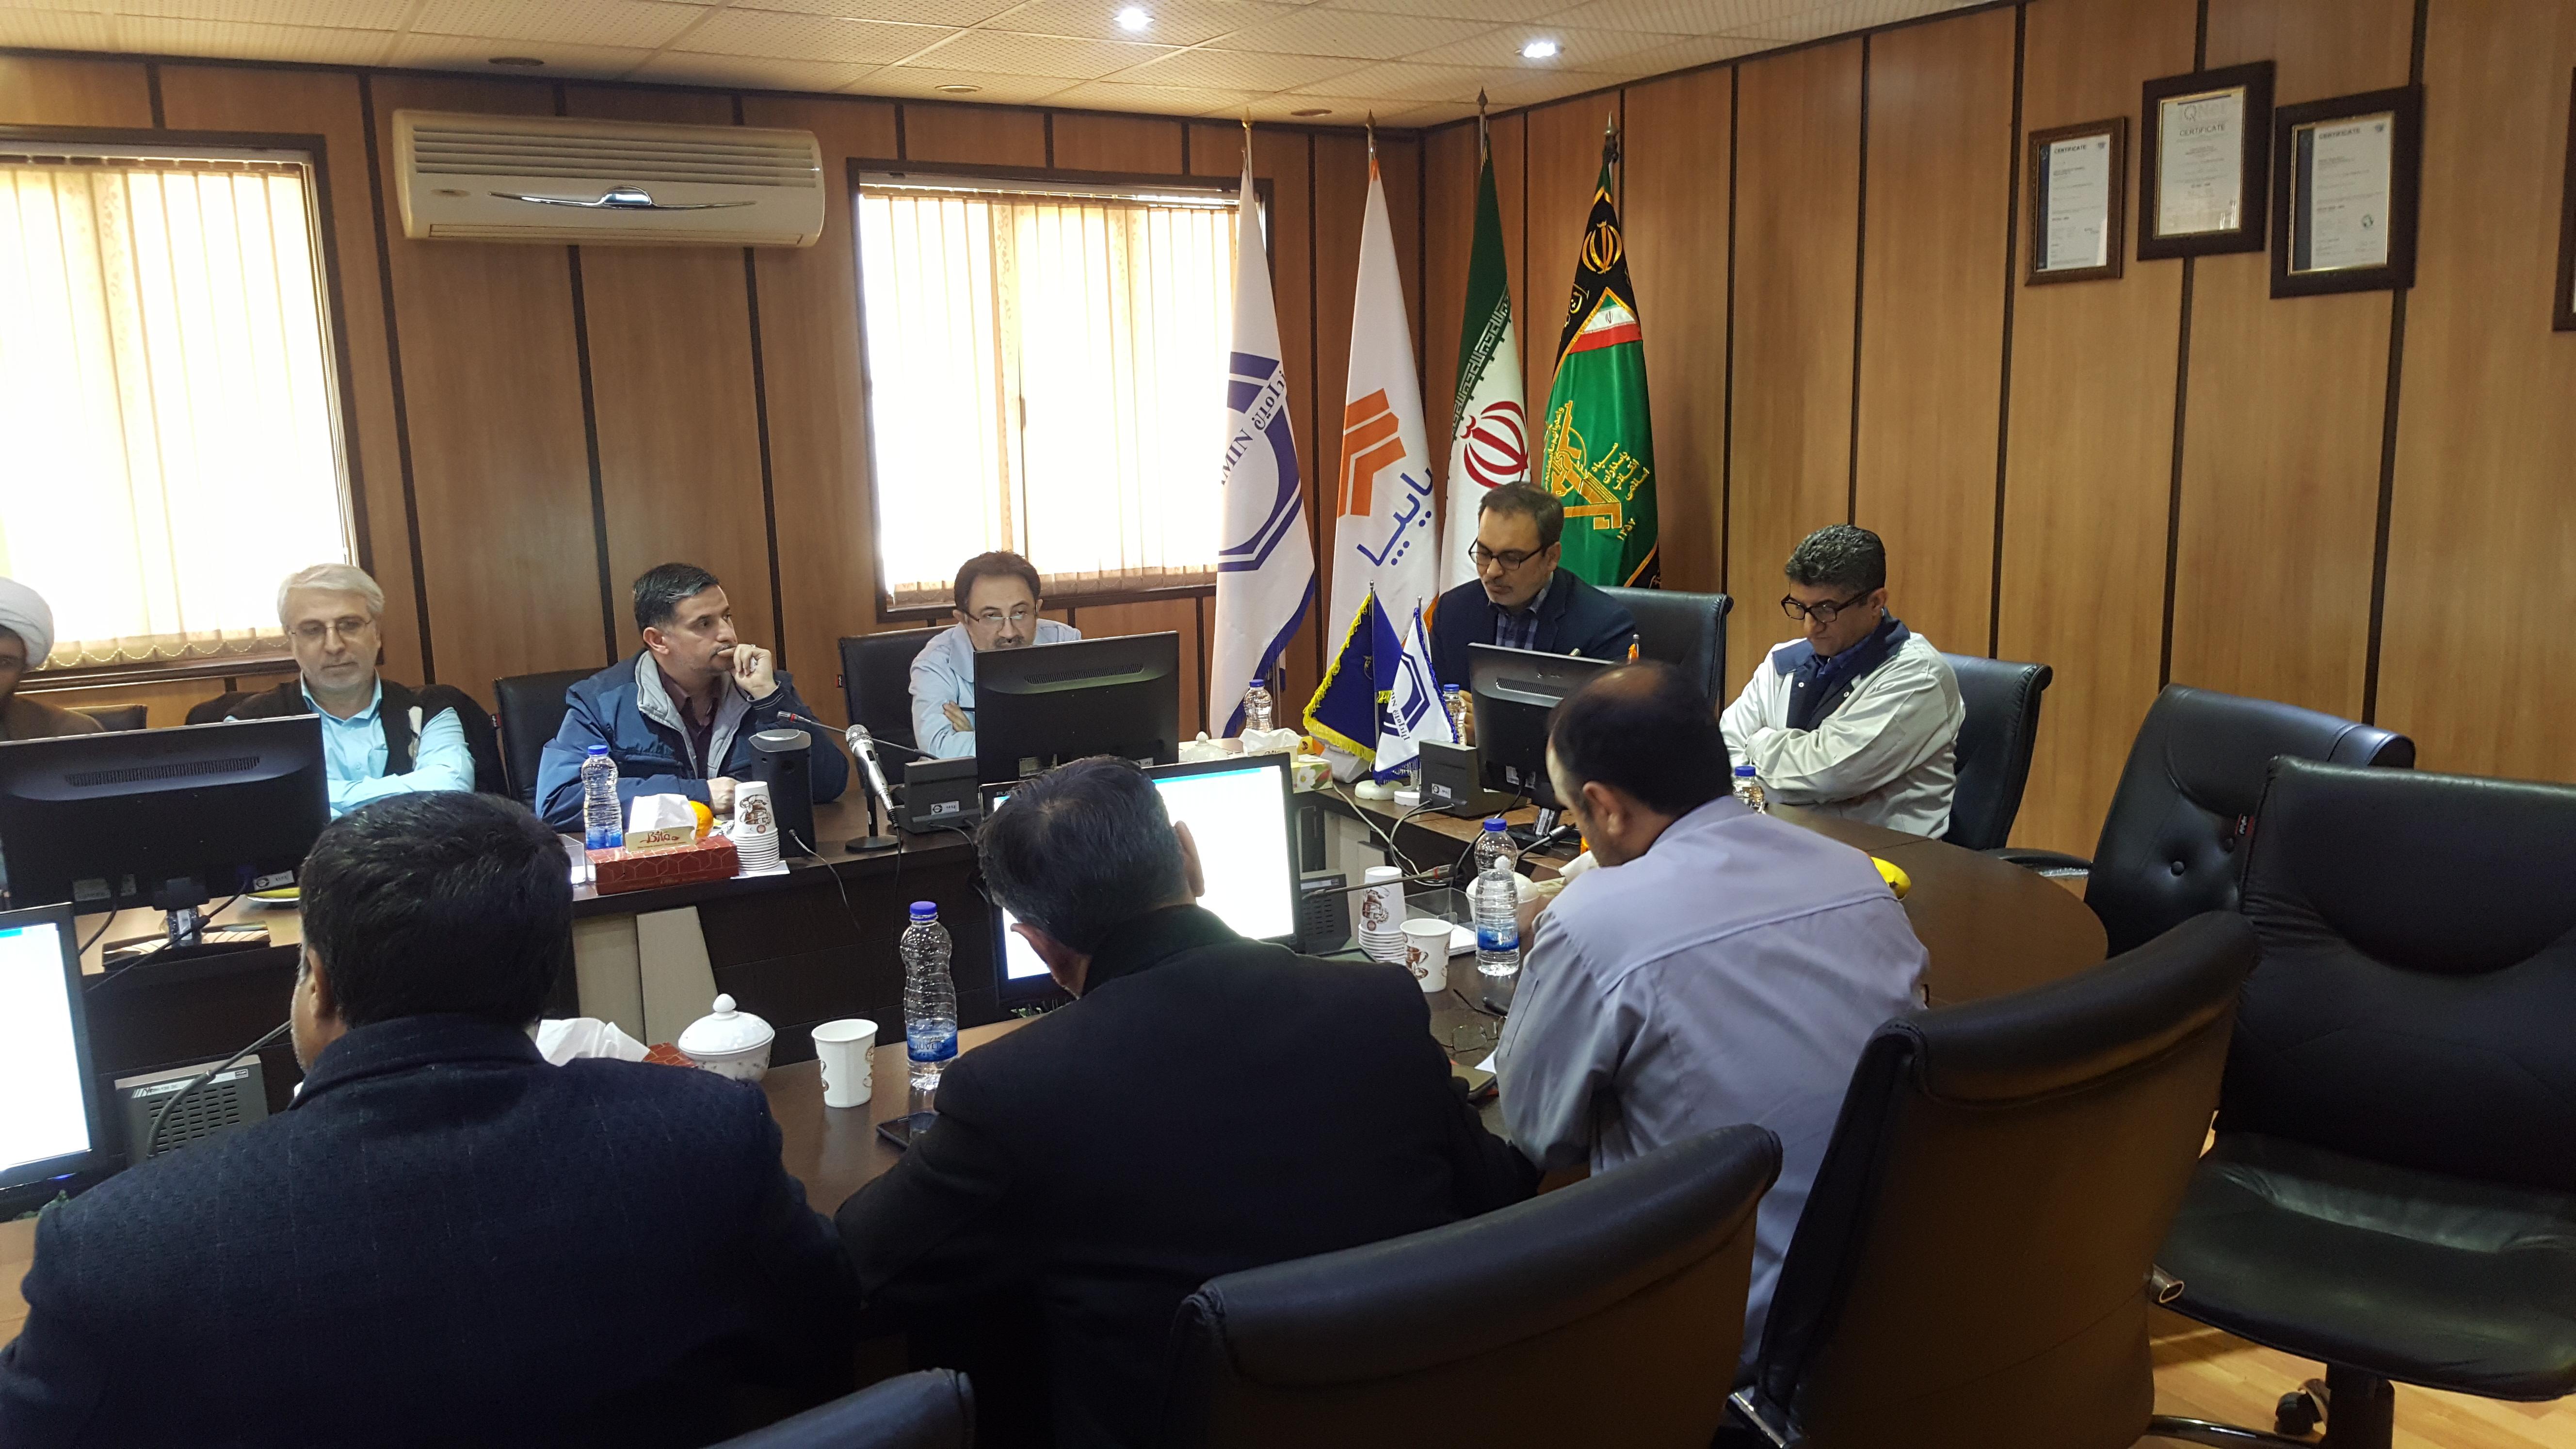 تشکیل شورای حوزه بسیج گروه سایپا  با حضور مدیر عامل محترم شرکت ایندامین سايپا